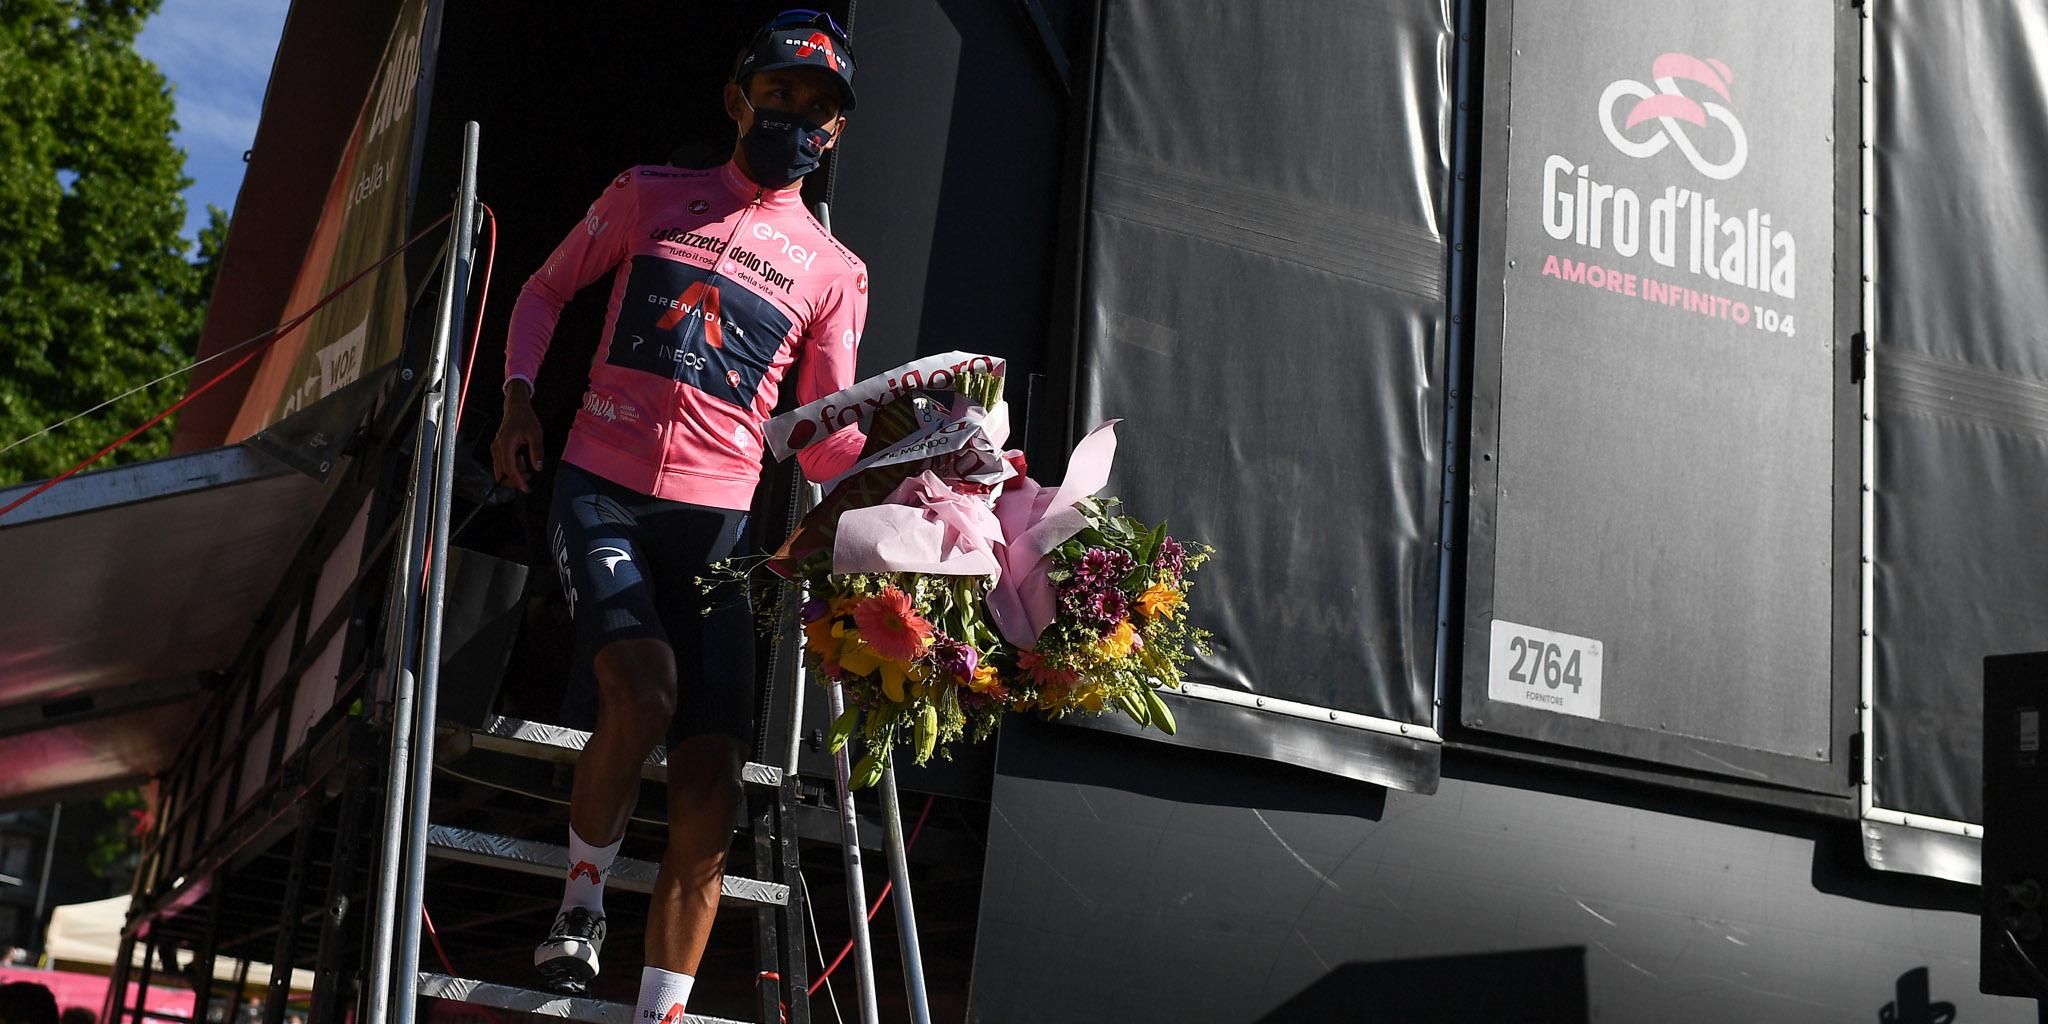 Giro d'Italia Tappa 10 - Da L'Aquila a Foligno